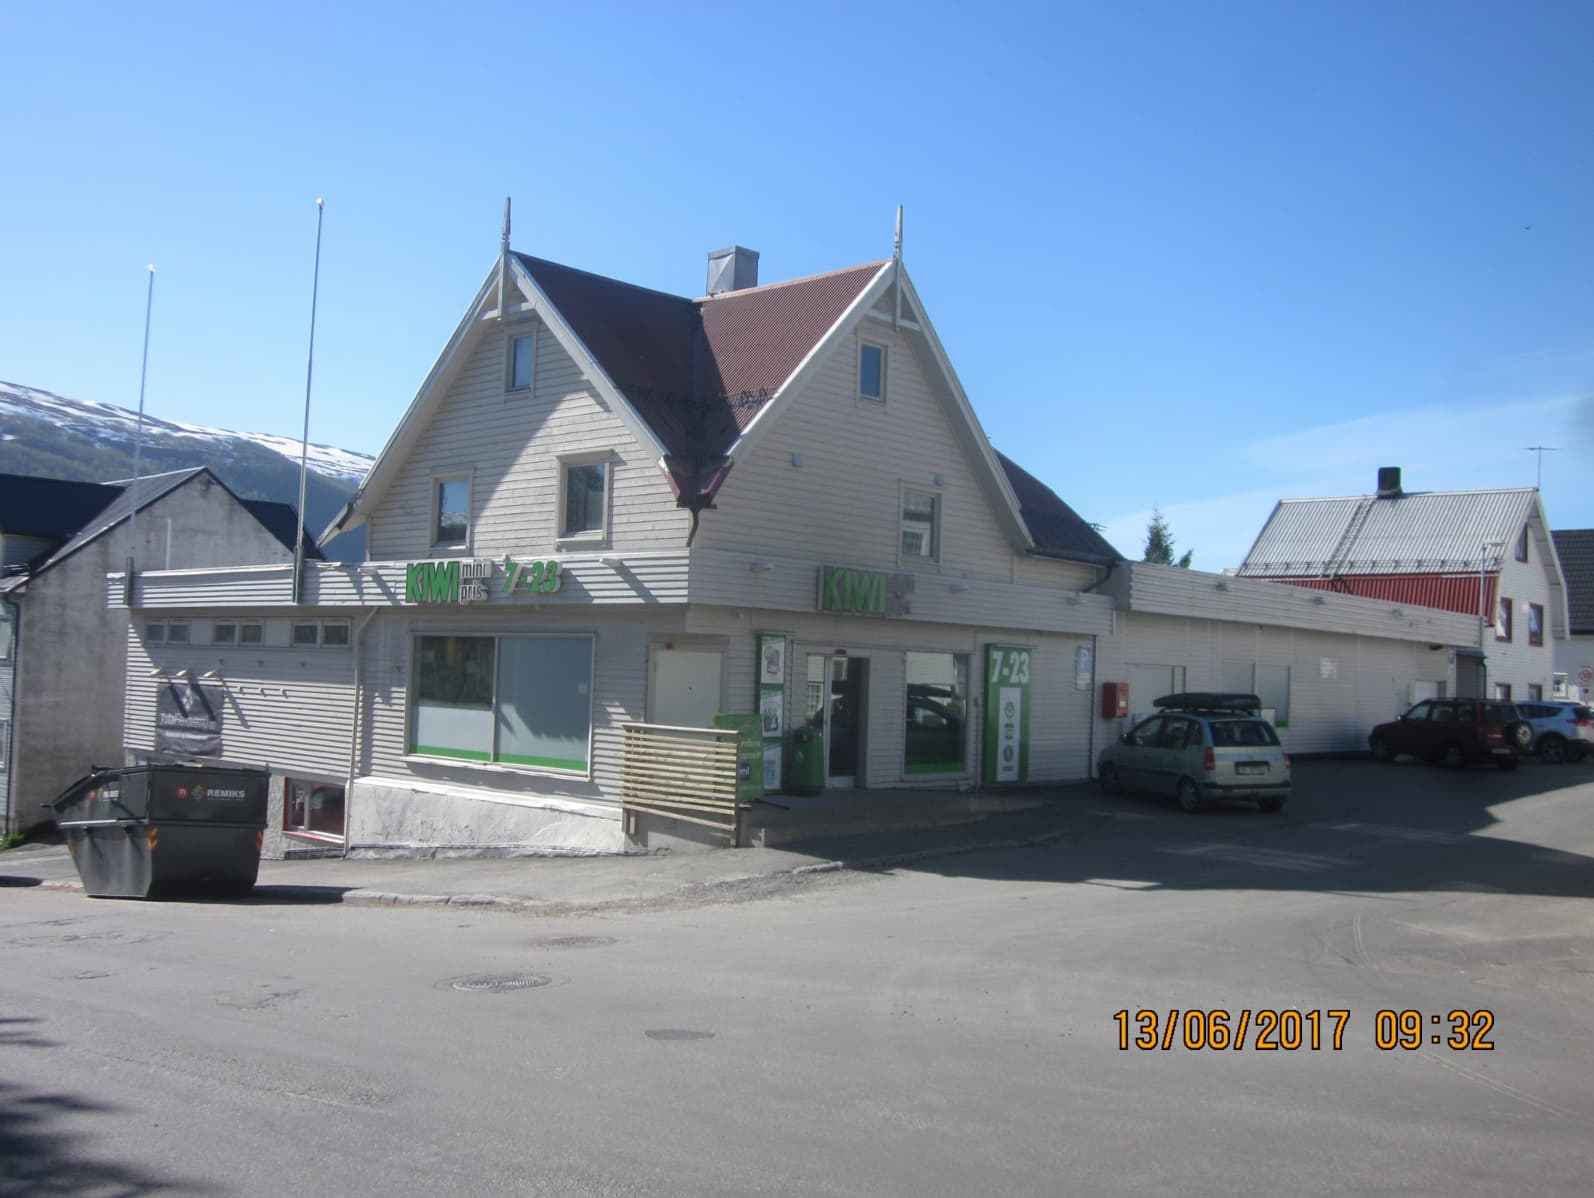 KIWI-butikken i Balsfjordgata før oppussingen sommeren 2018.